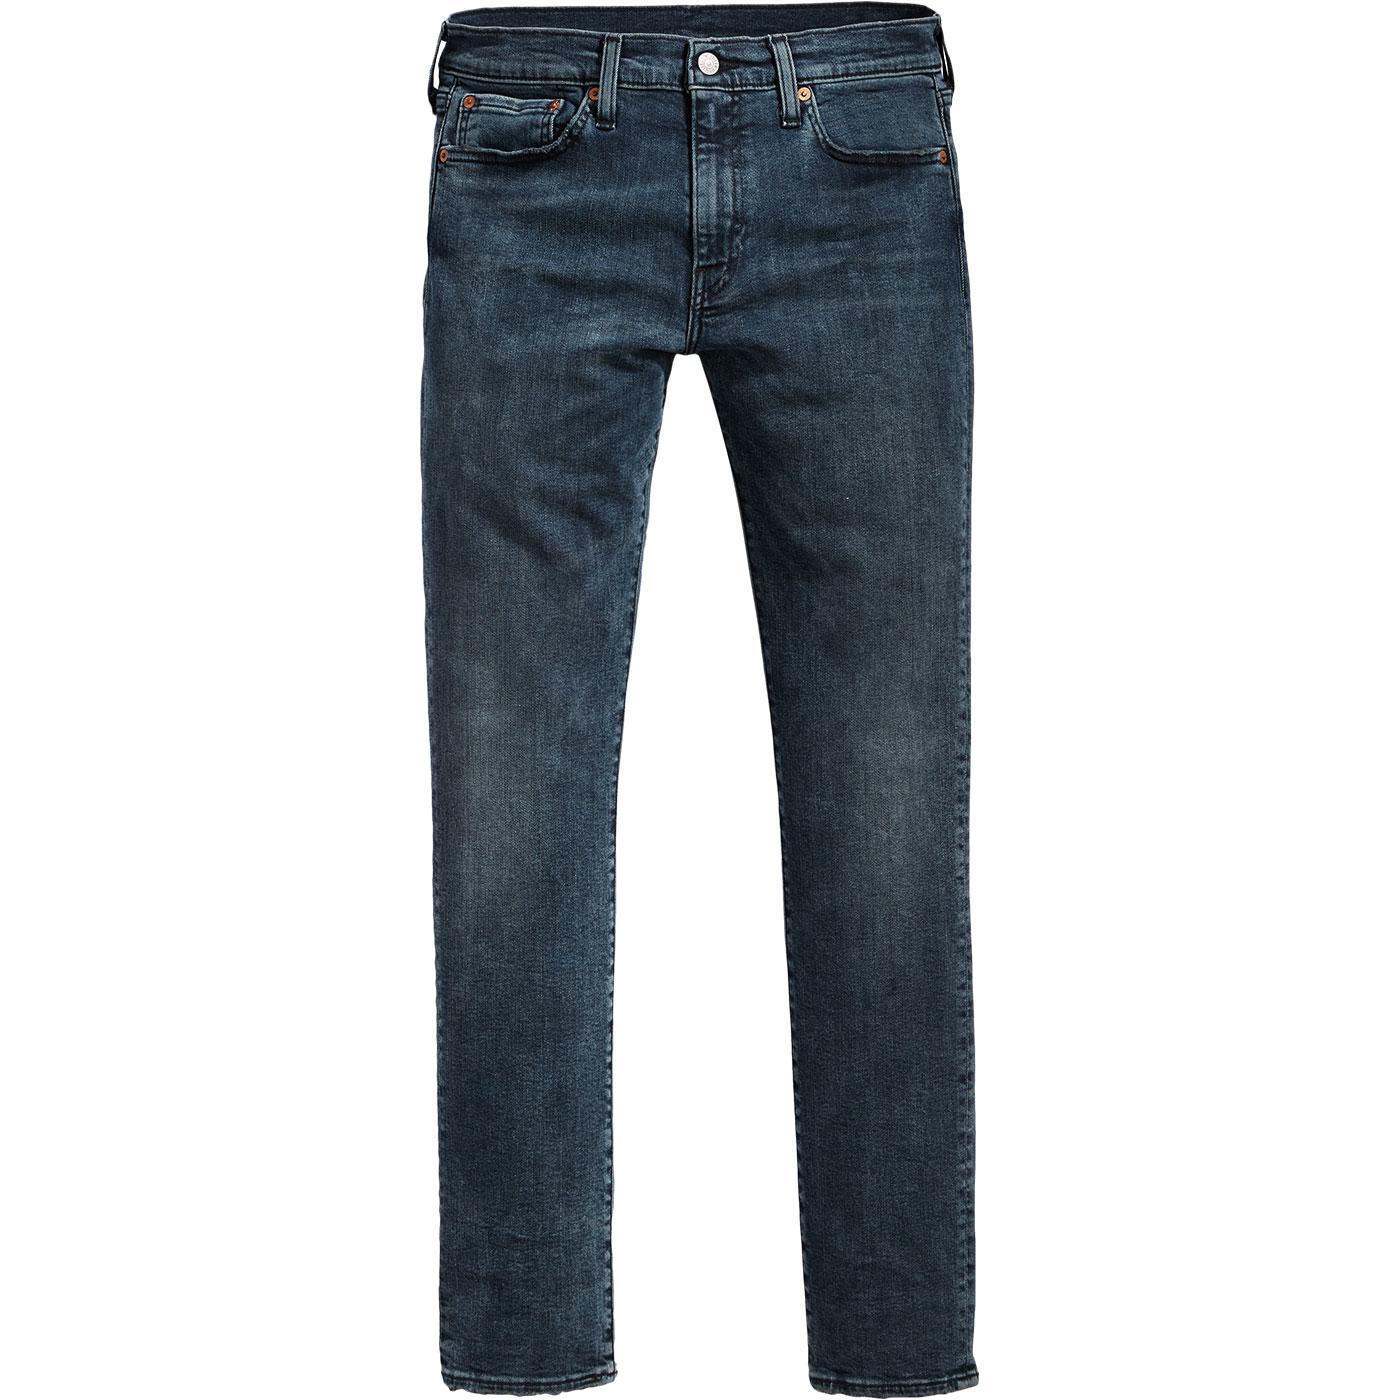 LEVI'S 511 Men's Retro Slim Denim Jeans (Ali Adv)